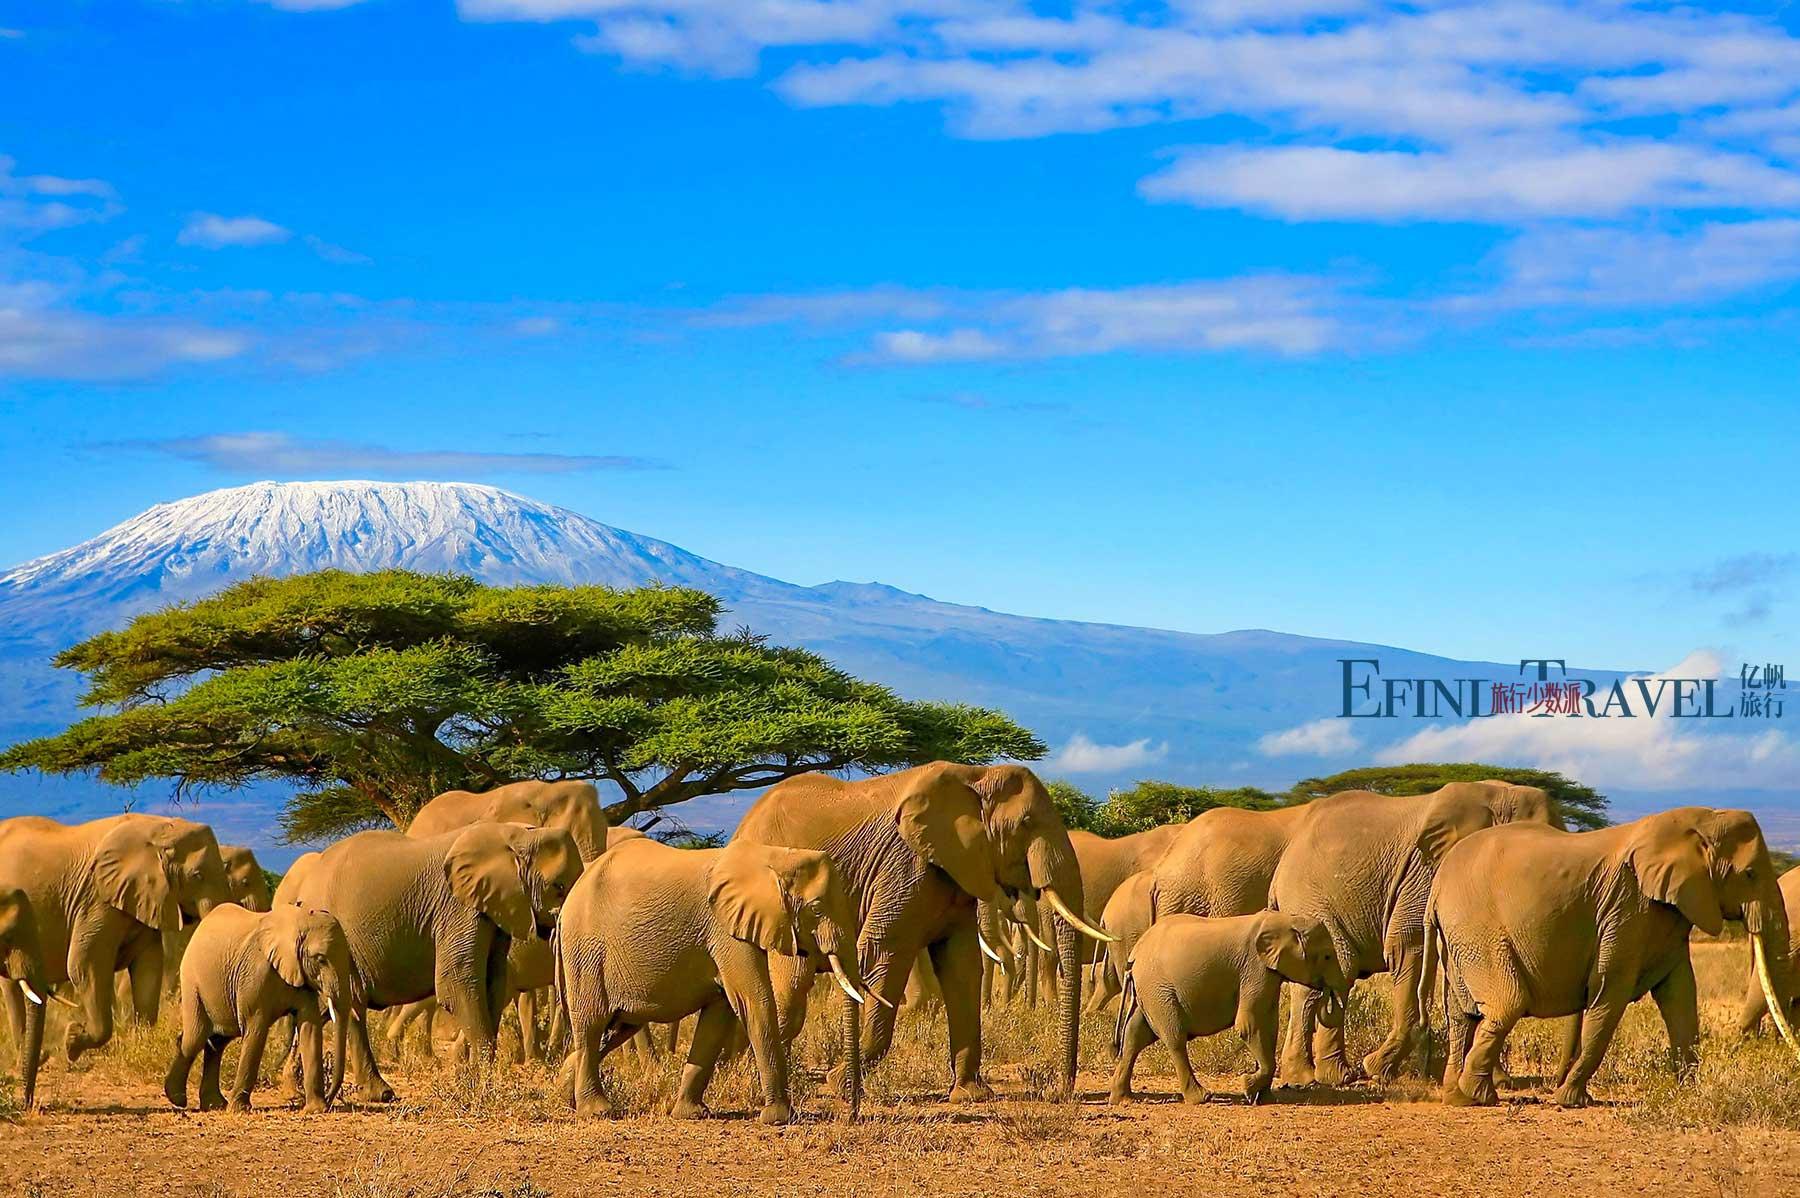 肯尼亚安博塞利公园远眺乞力马扎罗山